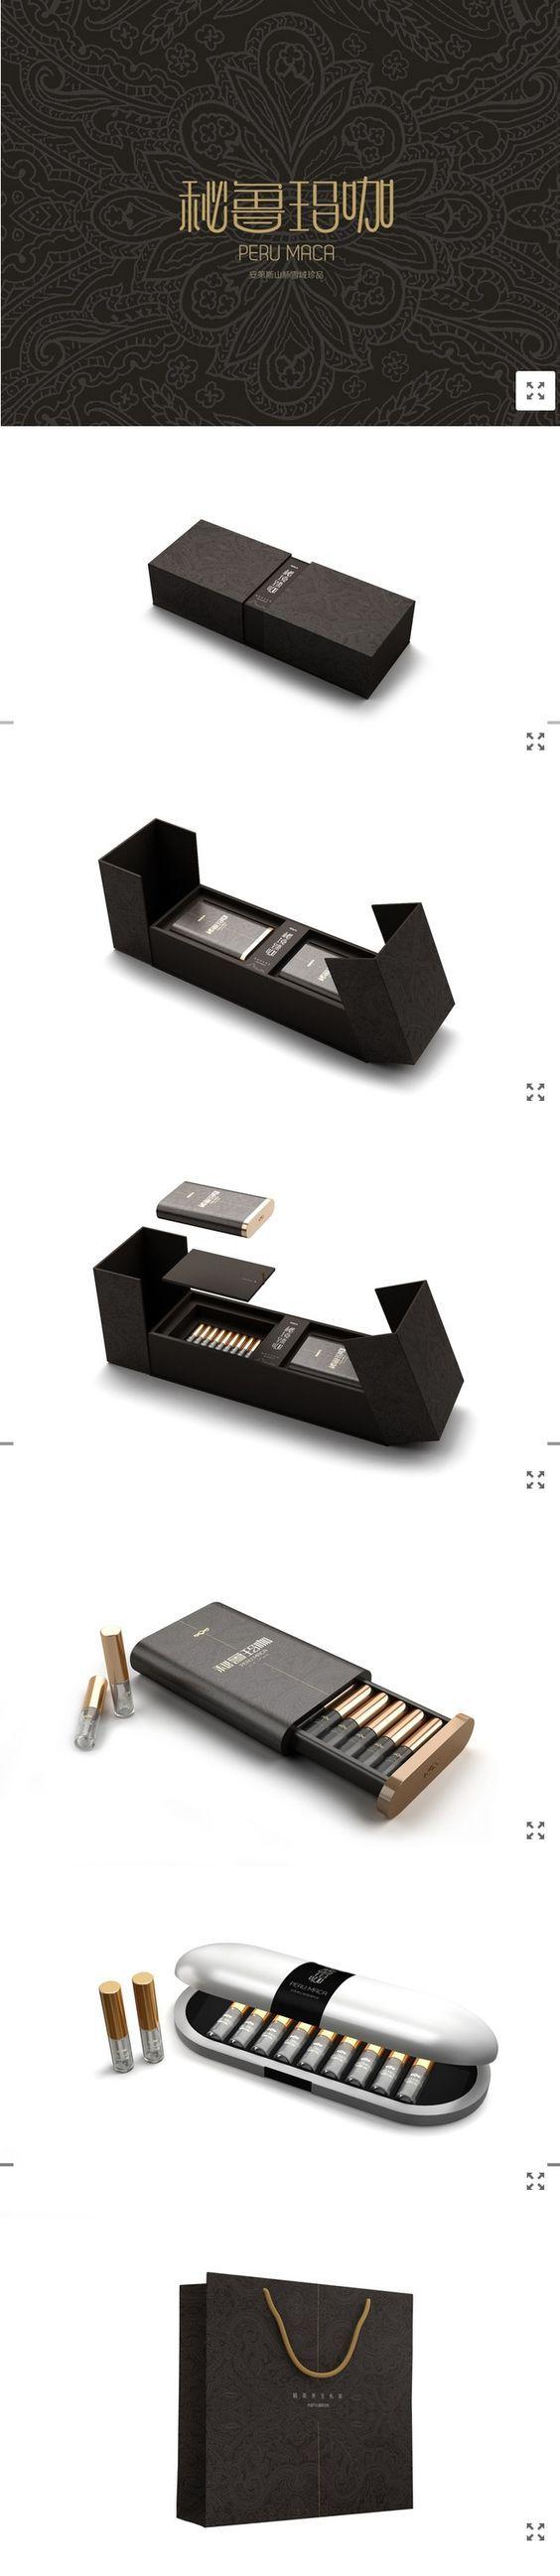 保健品包装设计公司/深圳秘鲁玛咖包装设计...@TwoTreeFiveNine采集到Design - Packaging(395图)_花瓣平面设计: